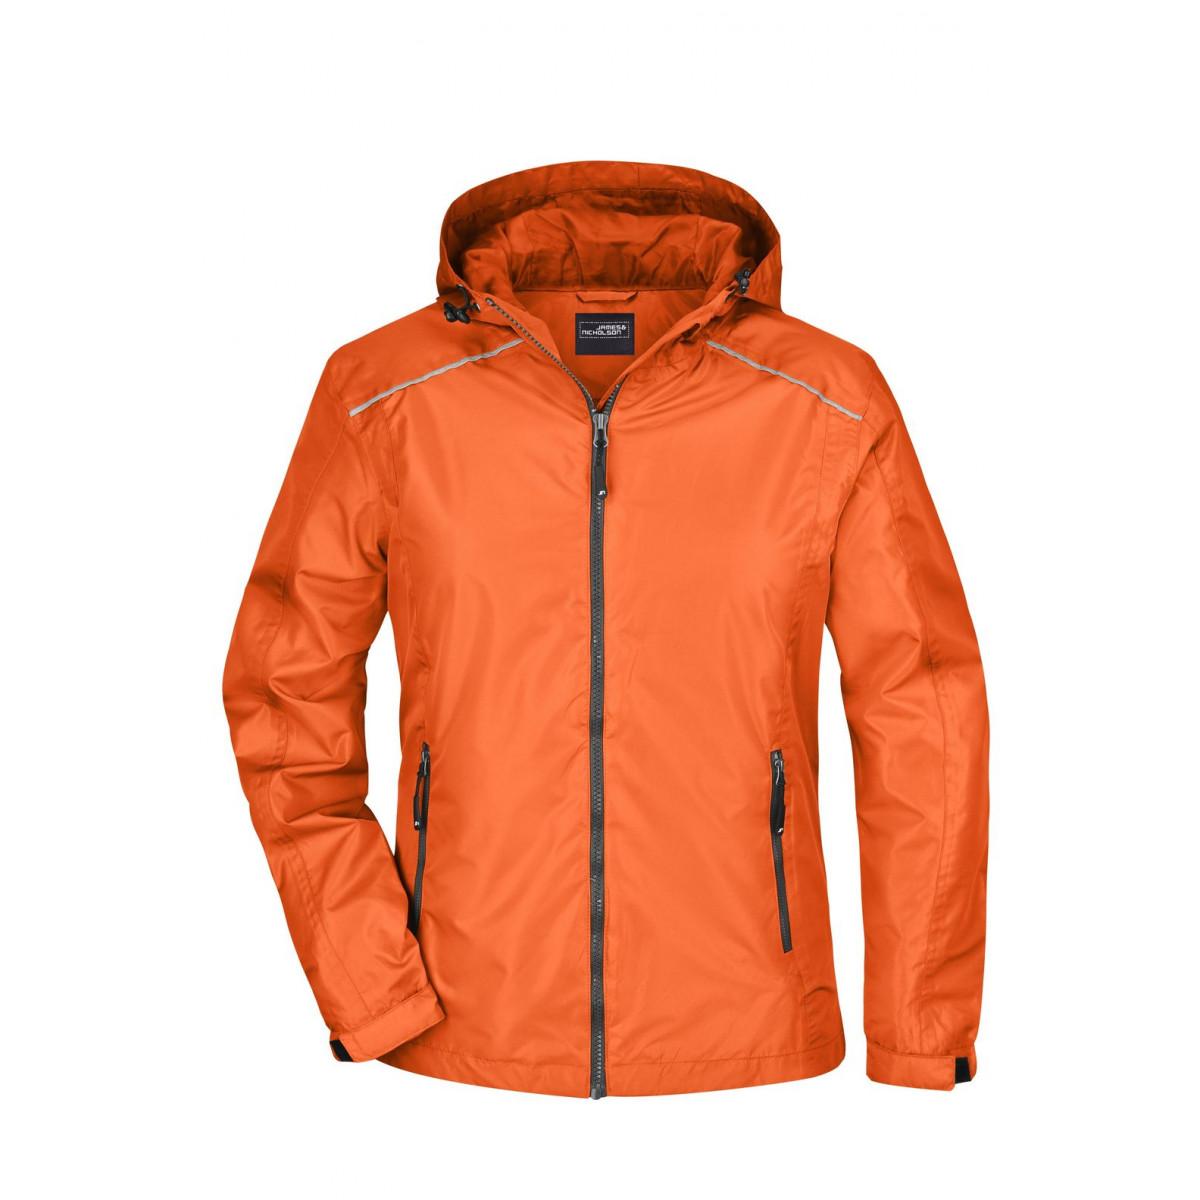 Куртка женская JN1117 Ladies Rain Jacket - Оранжевый/Темно-серый